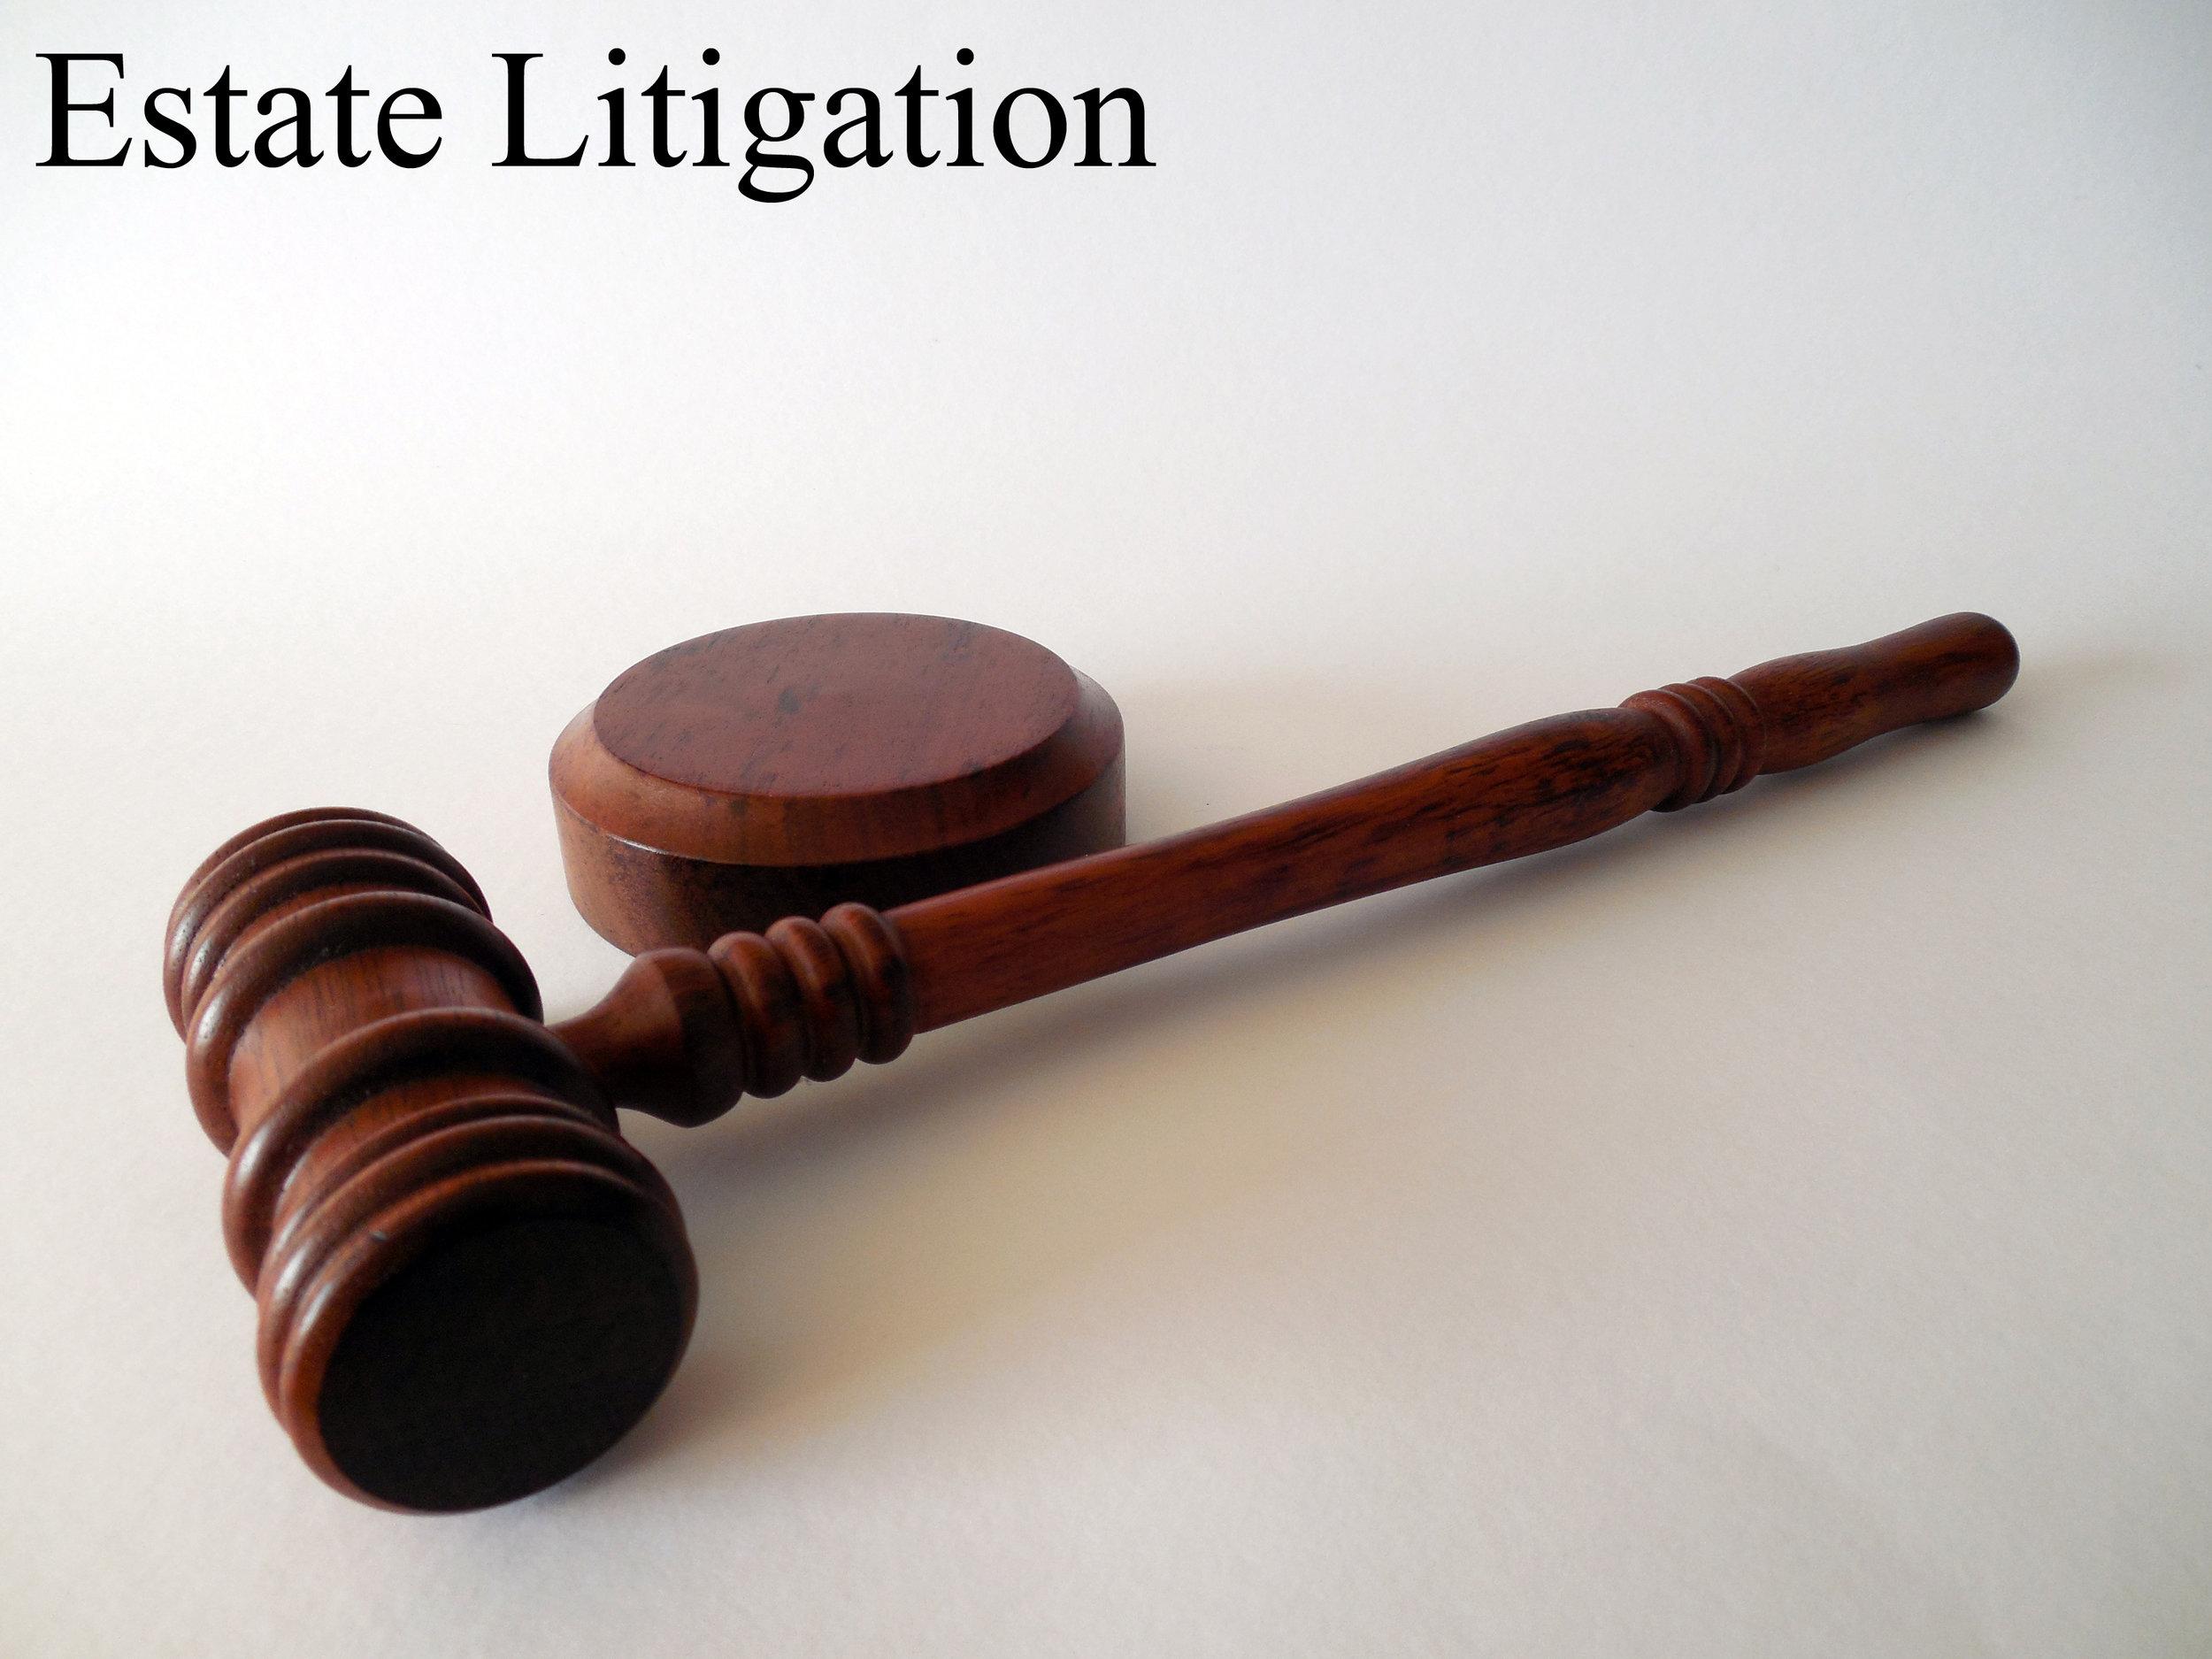 Estate Litigation copy.jpg